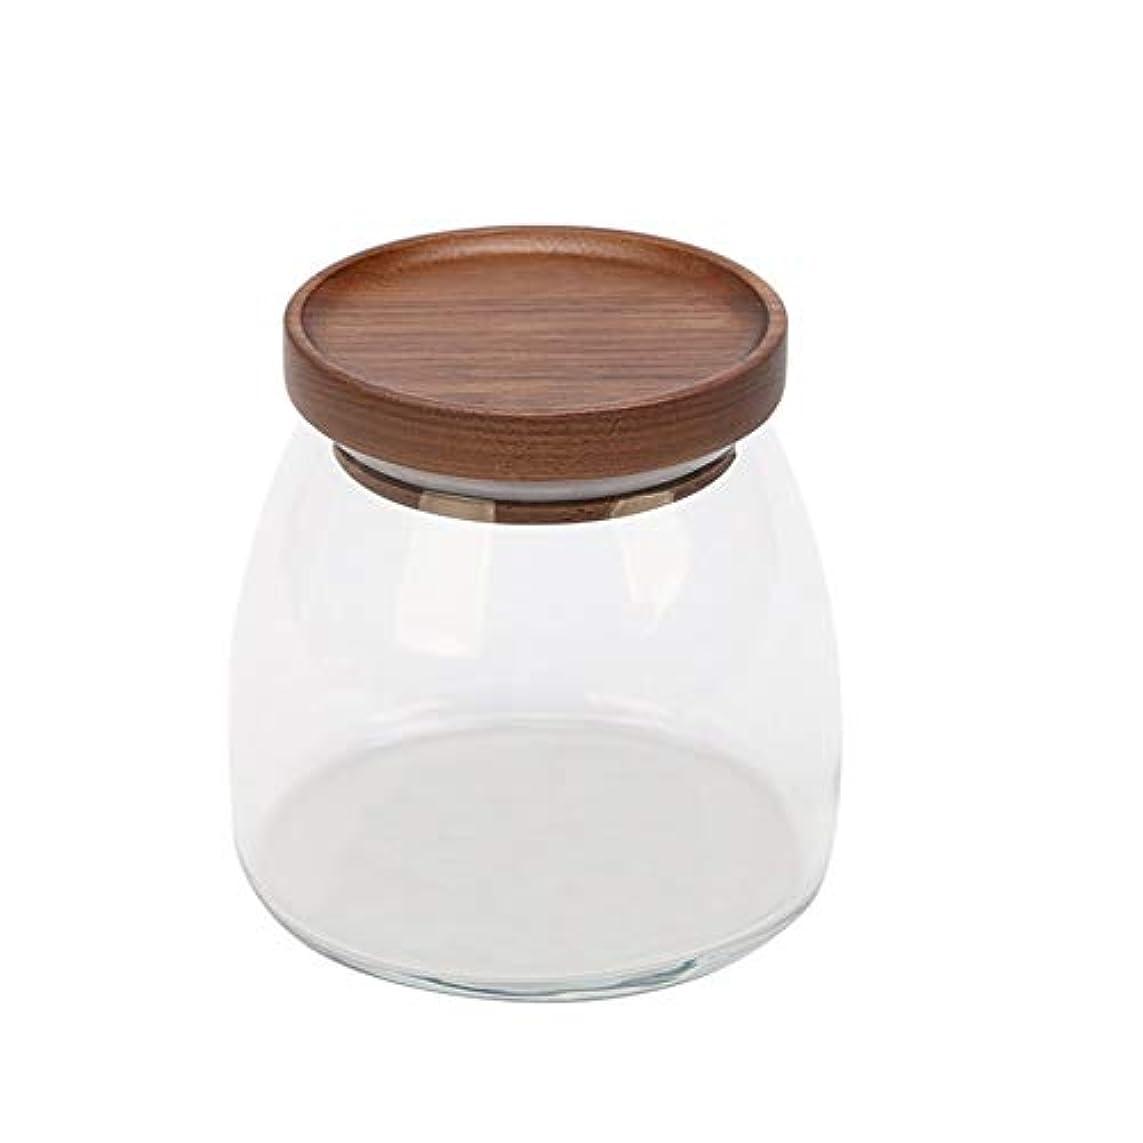 側溝物思いにふける鎮痛剤貯蔵タンク、透明ガラス貯蔵タンク、家庭用食品、茶瓶